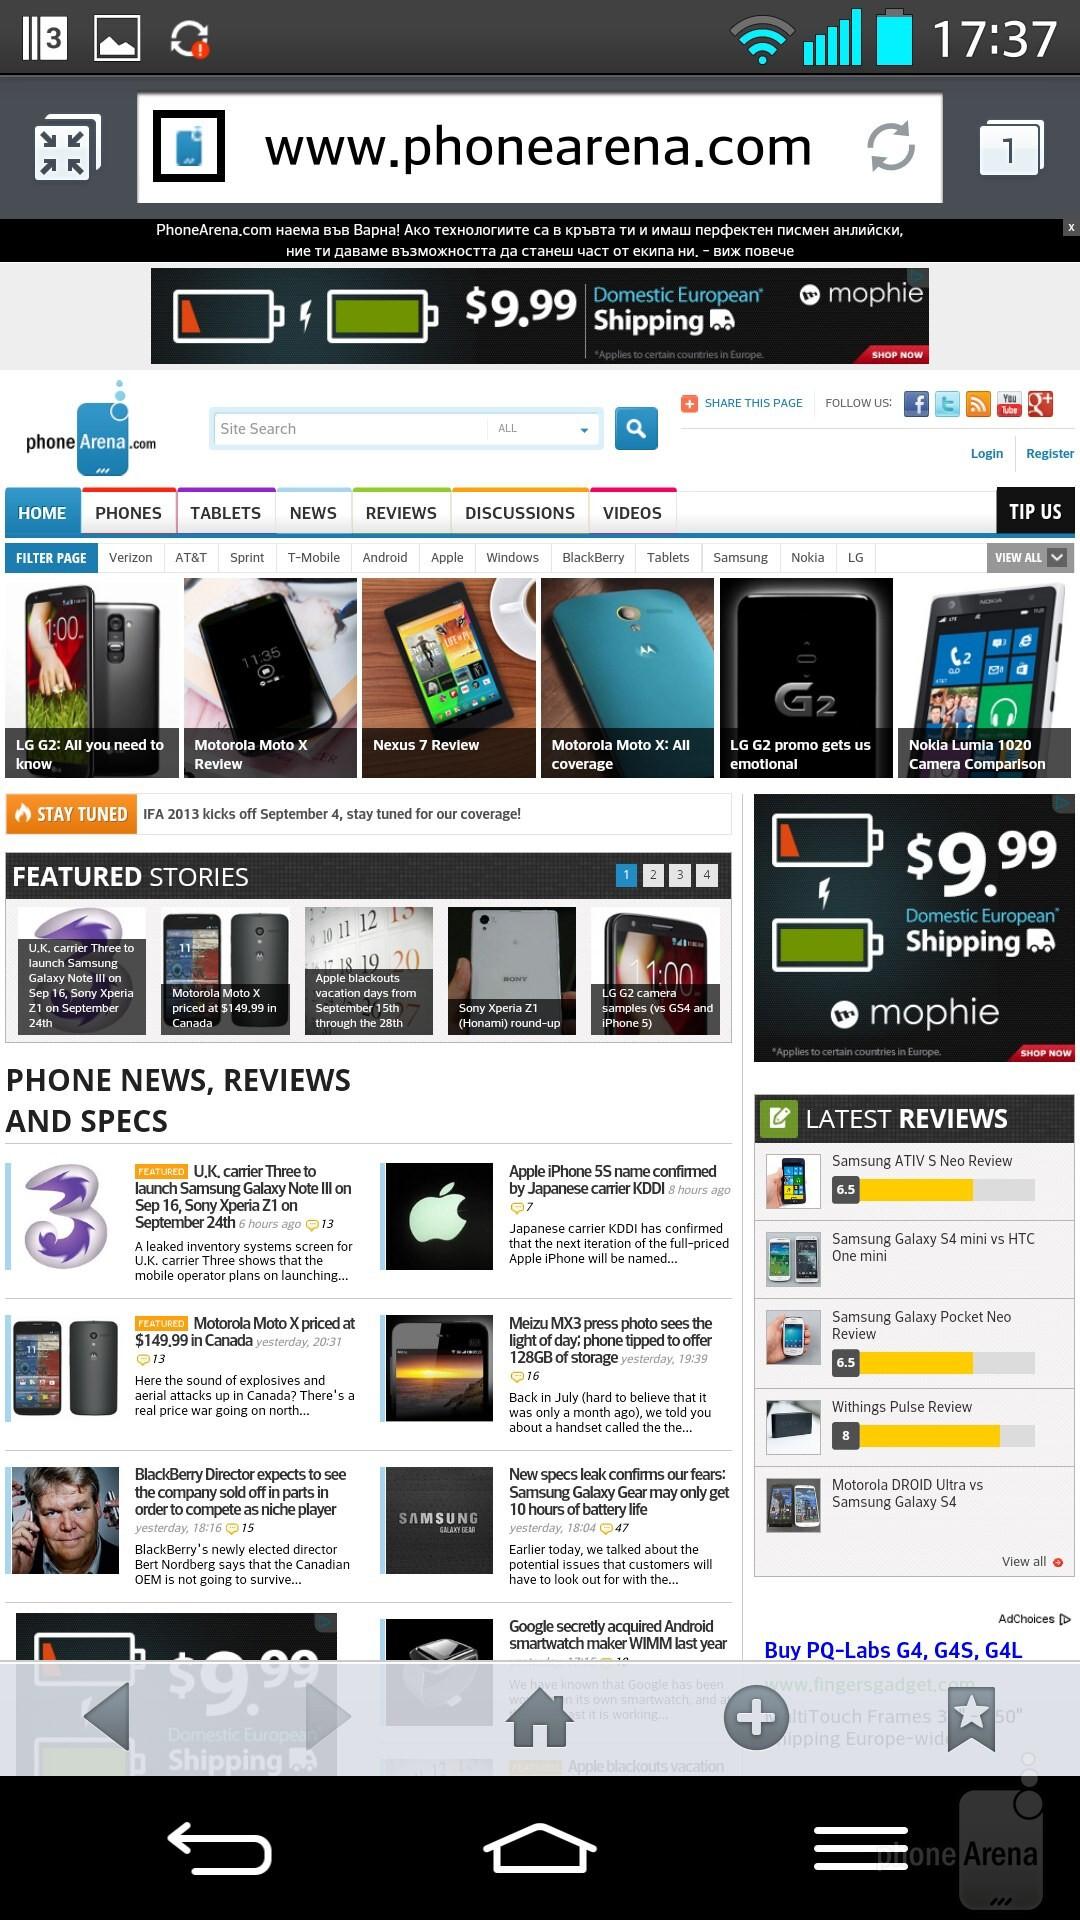 Nokia <a  data-cke-saved-href=?tag=lumia-1020 href=?tag=lumia-1020>Lumia 1020</a> & <a  data-cke-saved-href=?tag=lg href=?tag=lg>LG</a> g2 Web